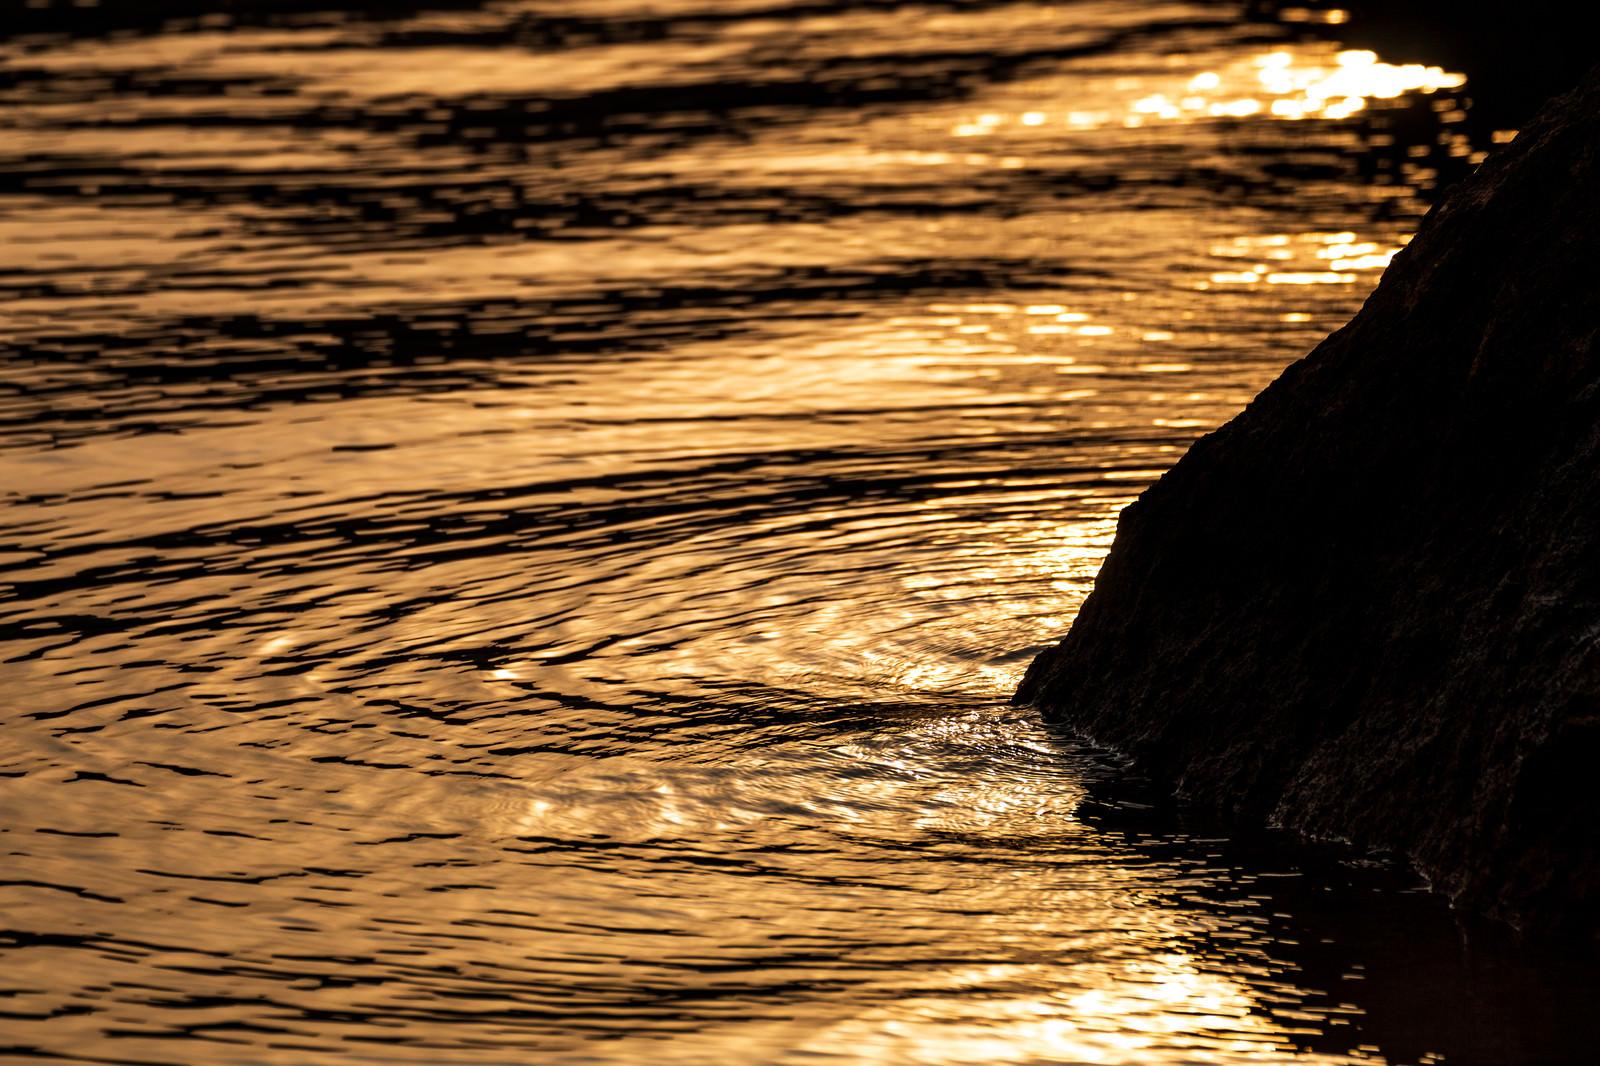 「夕焼け色に染まる湖面の波紋」の写真